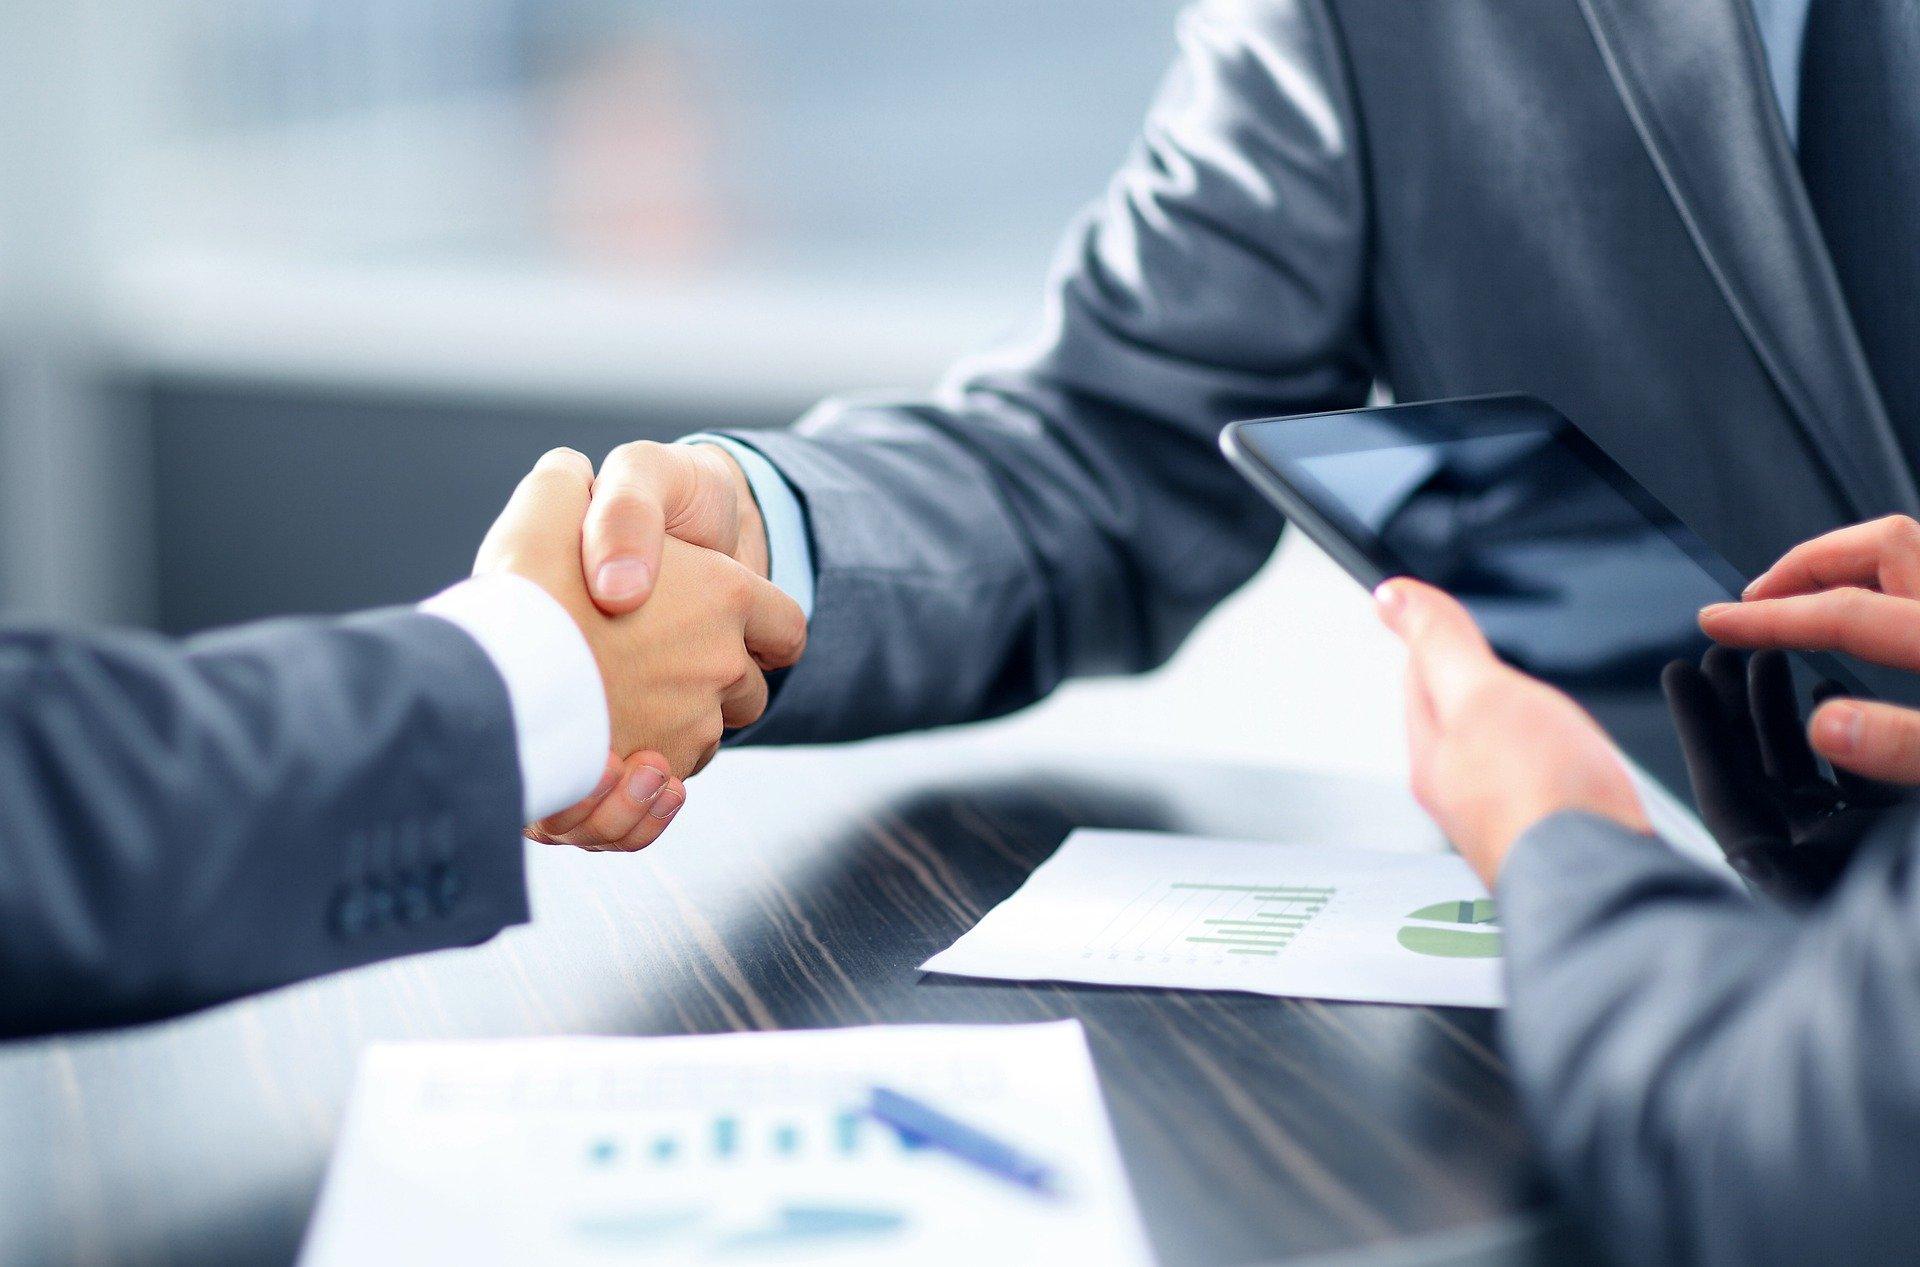 Medios de pago internacionales y Garantías bancarias ¿Cómo elegir el mejor medio de pago?